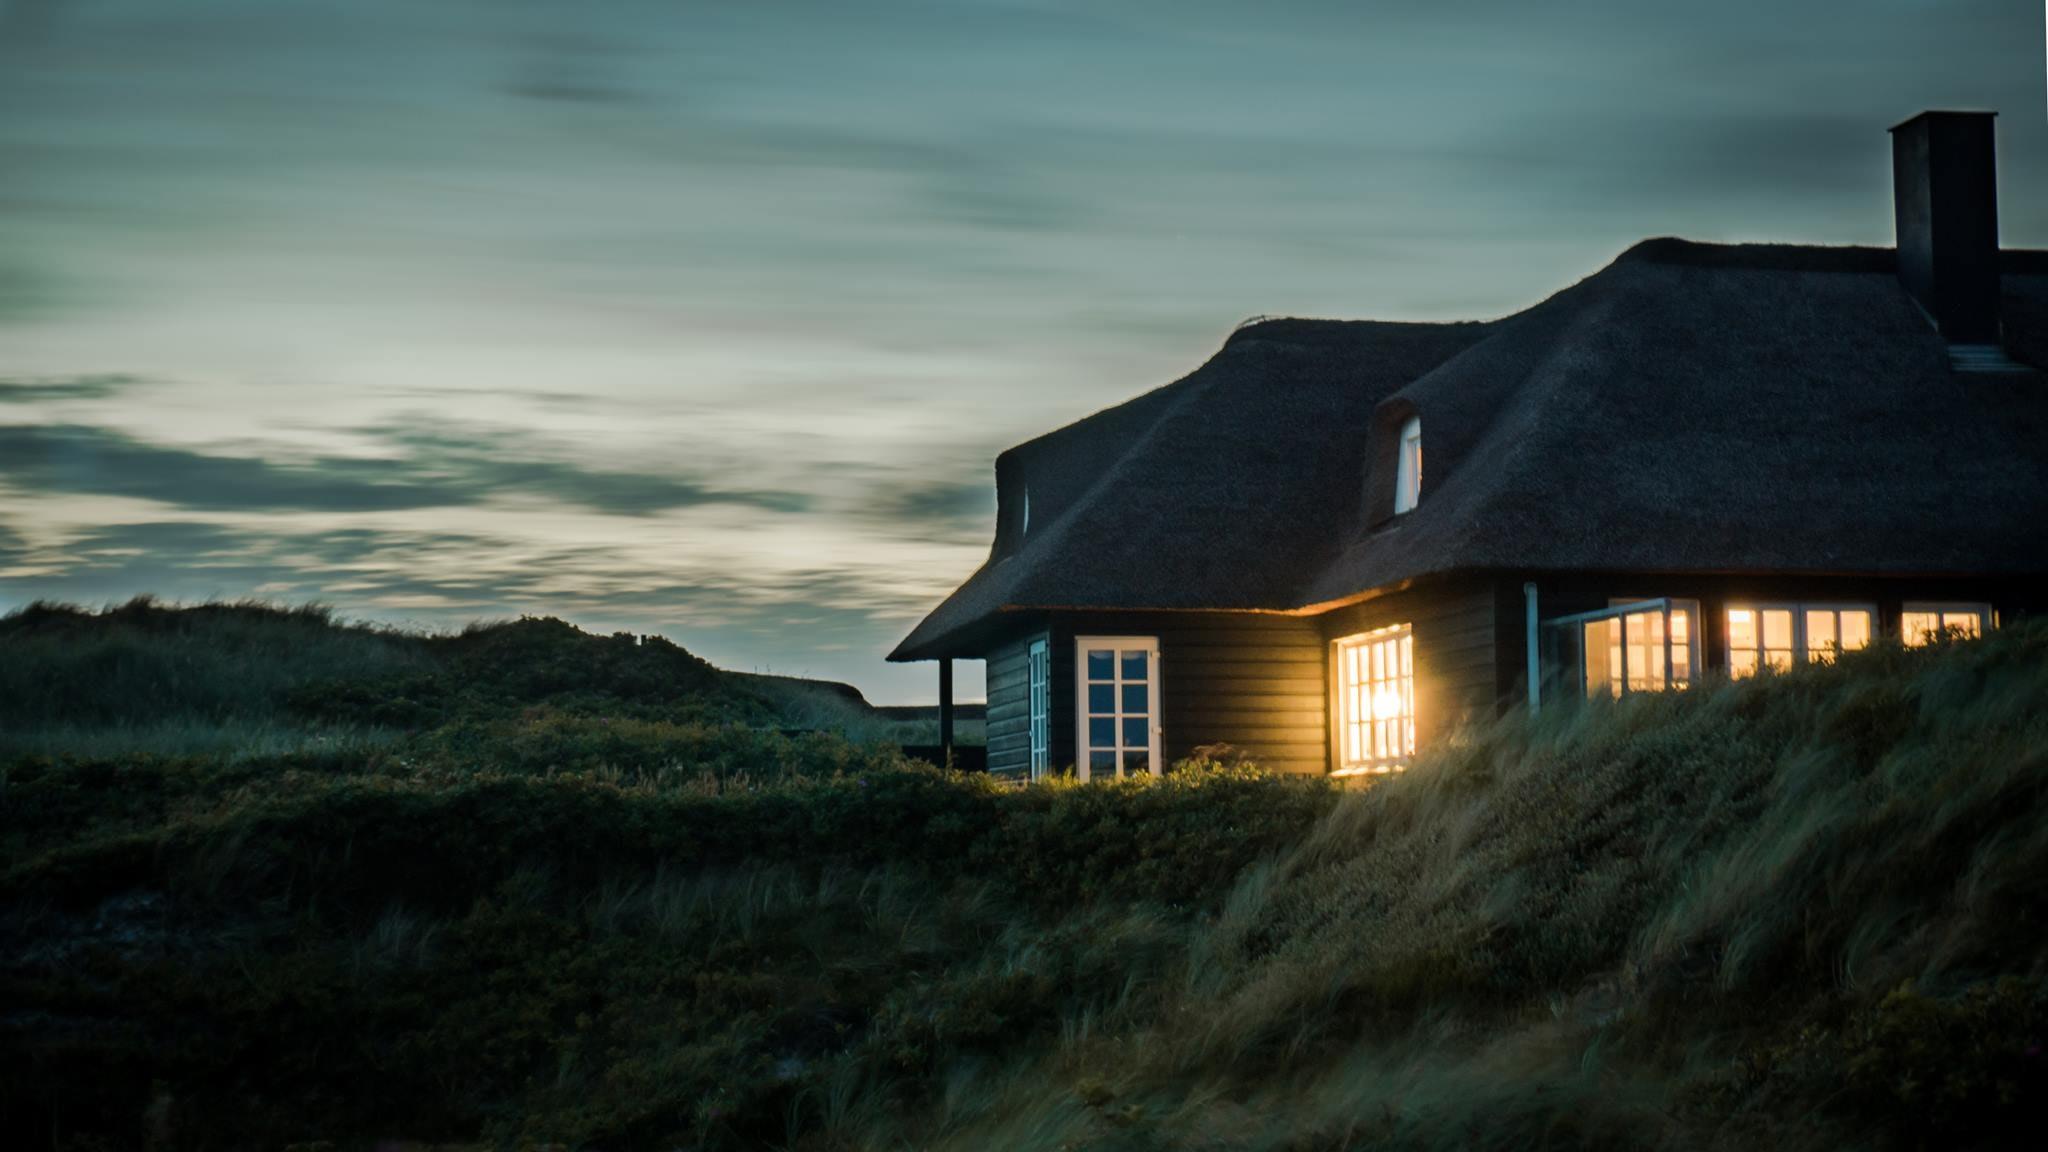 spadki, darowizny, umowy dożywocia, nieruchomości, mieszkanie, dom